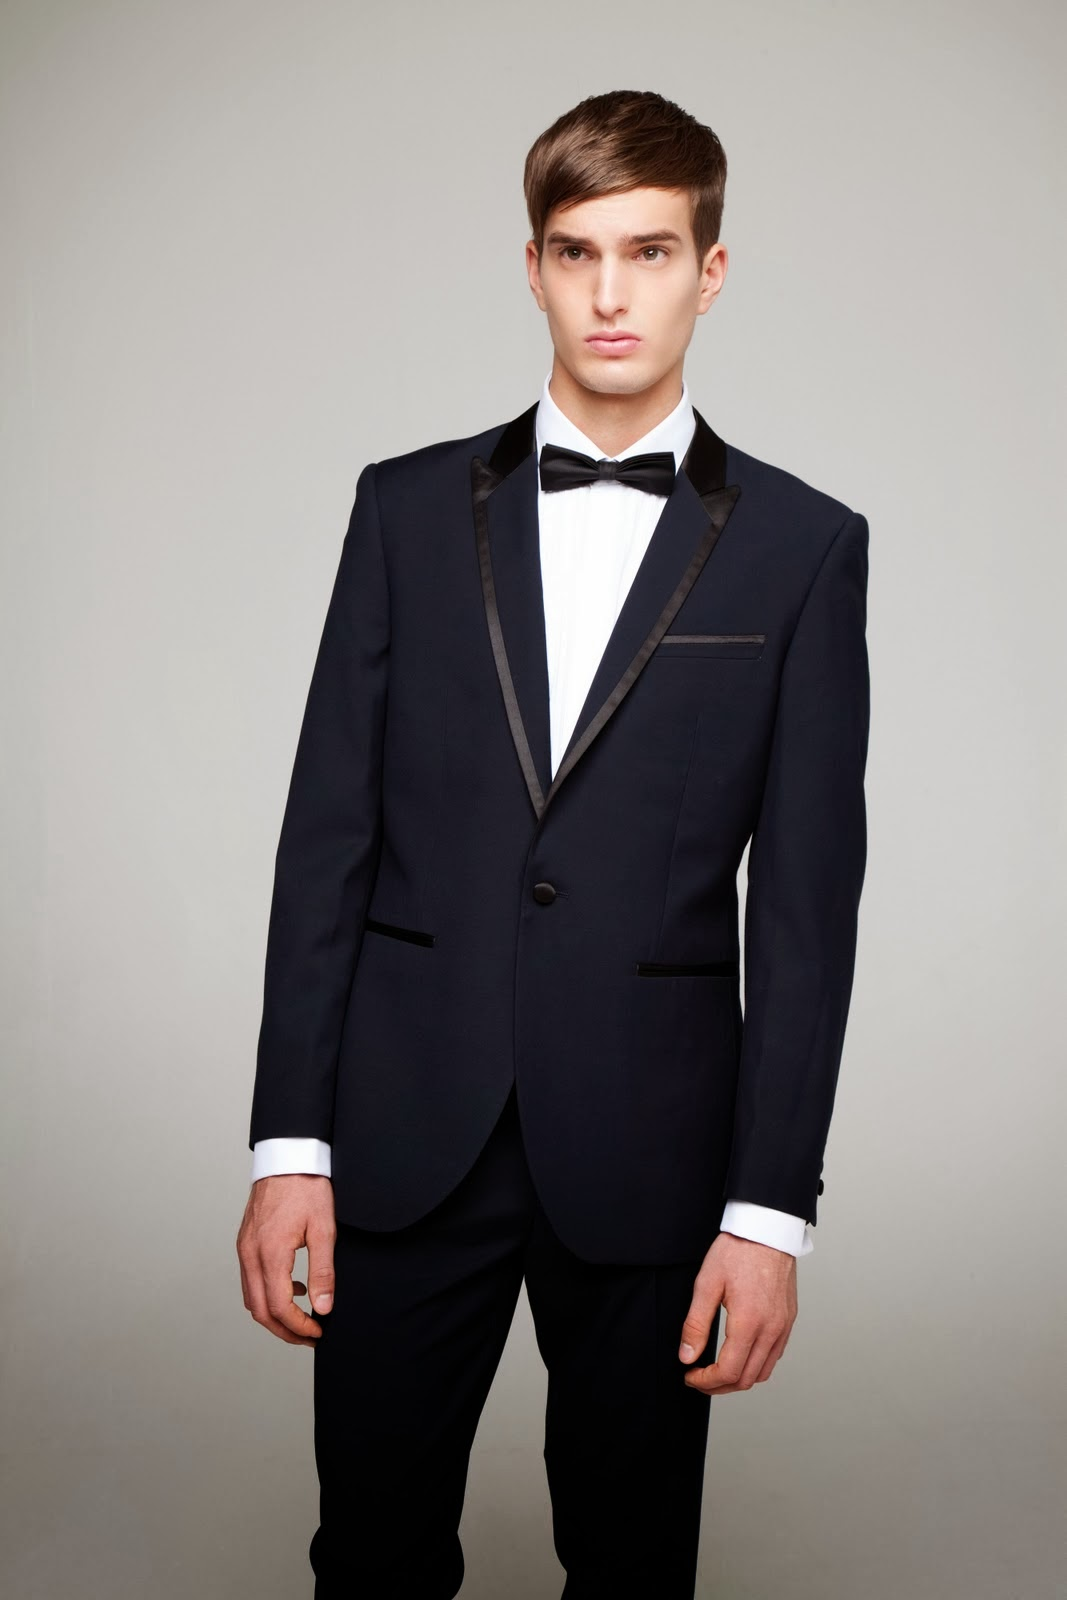 hugo boss wedding suits - photo #2